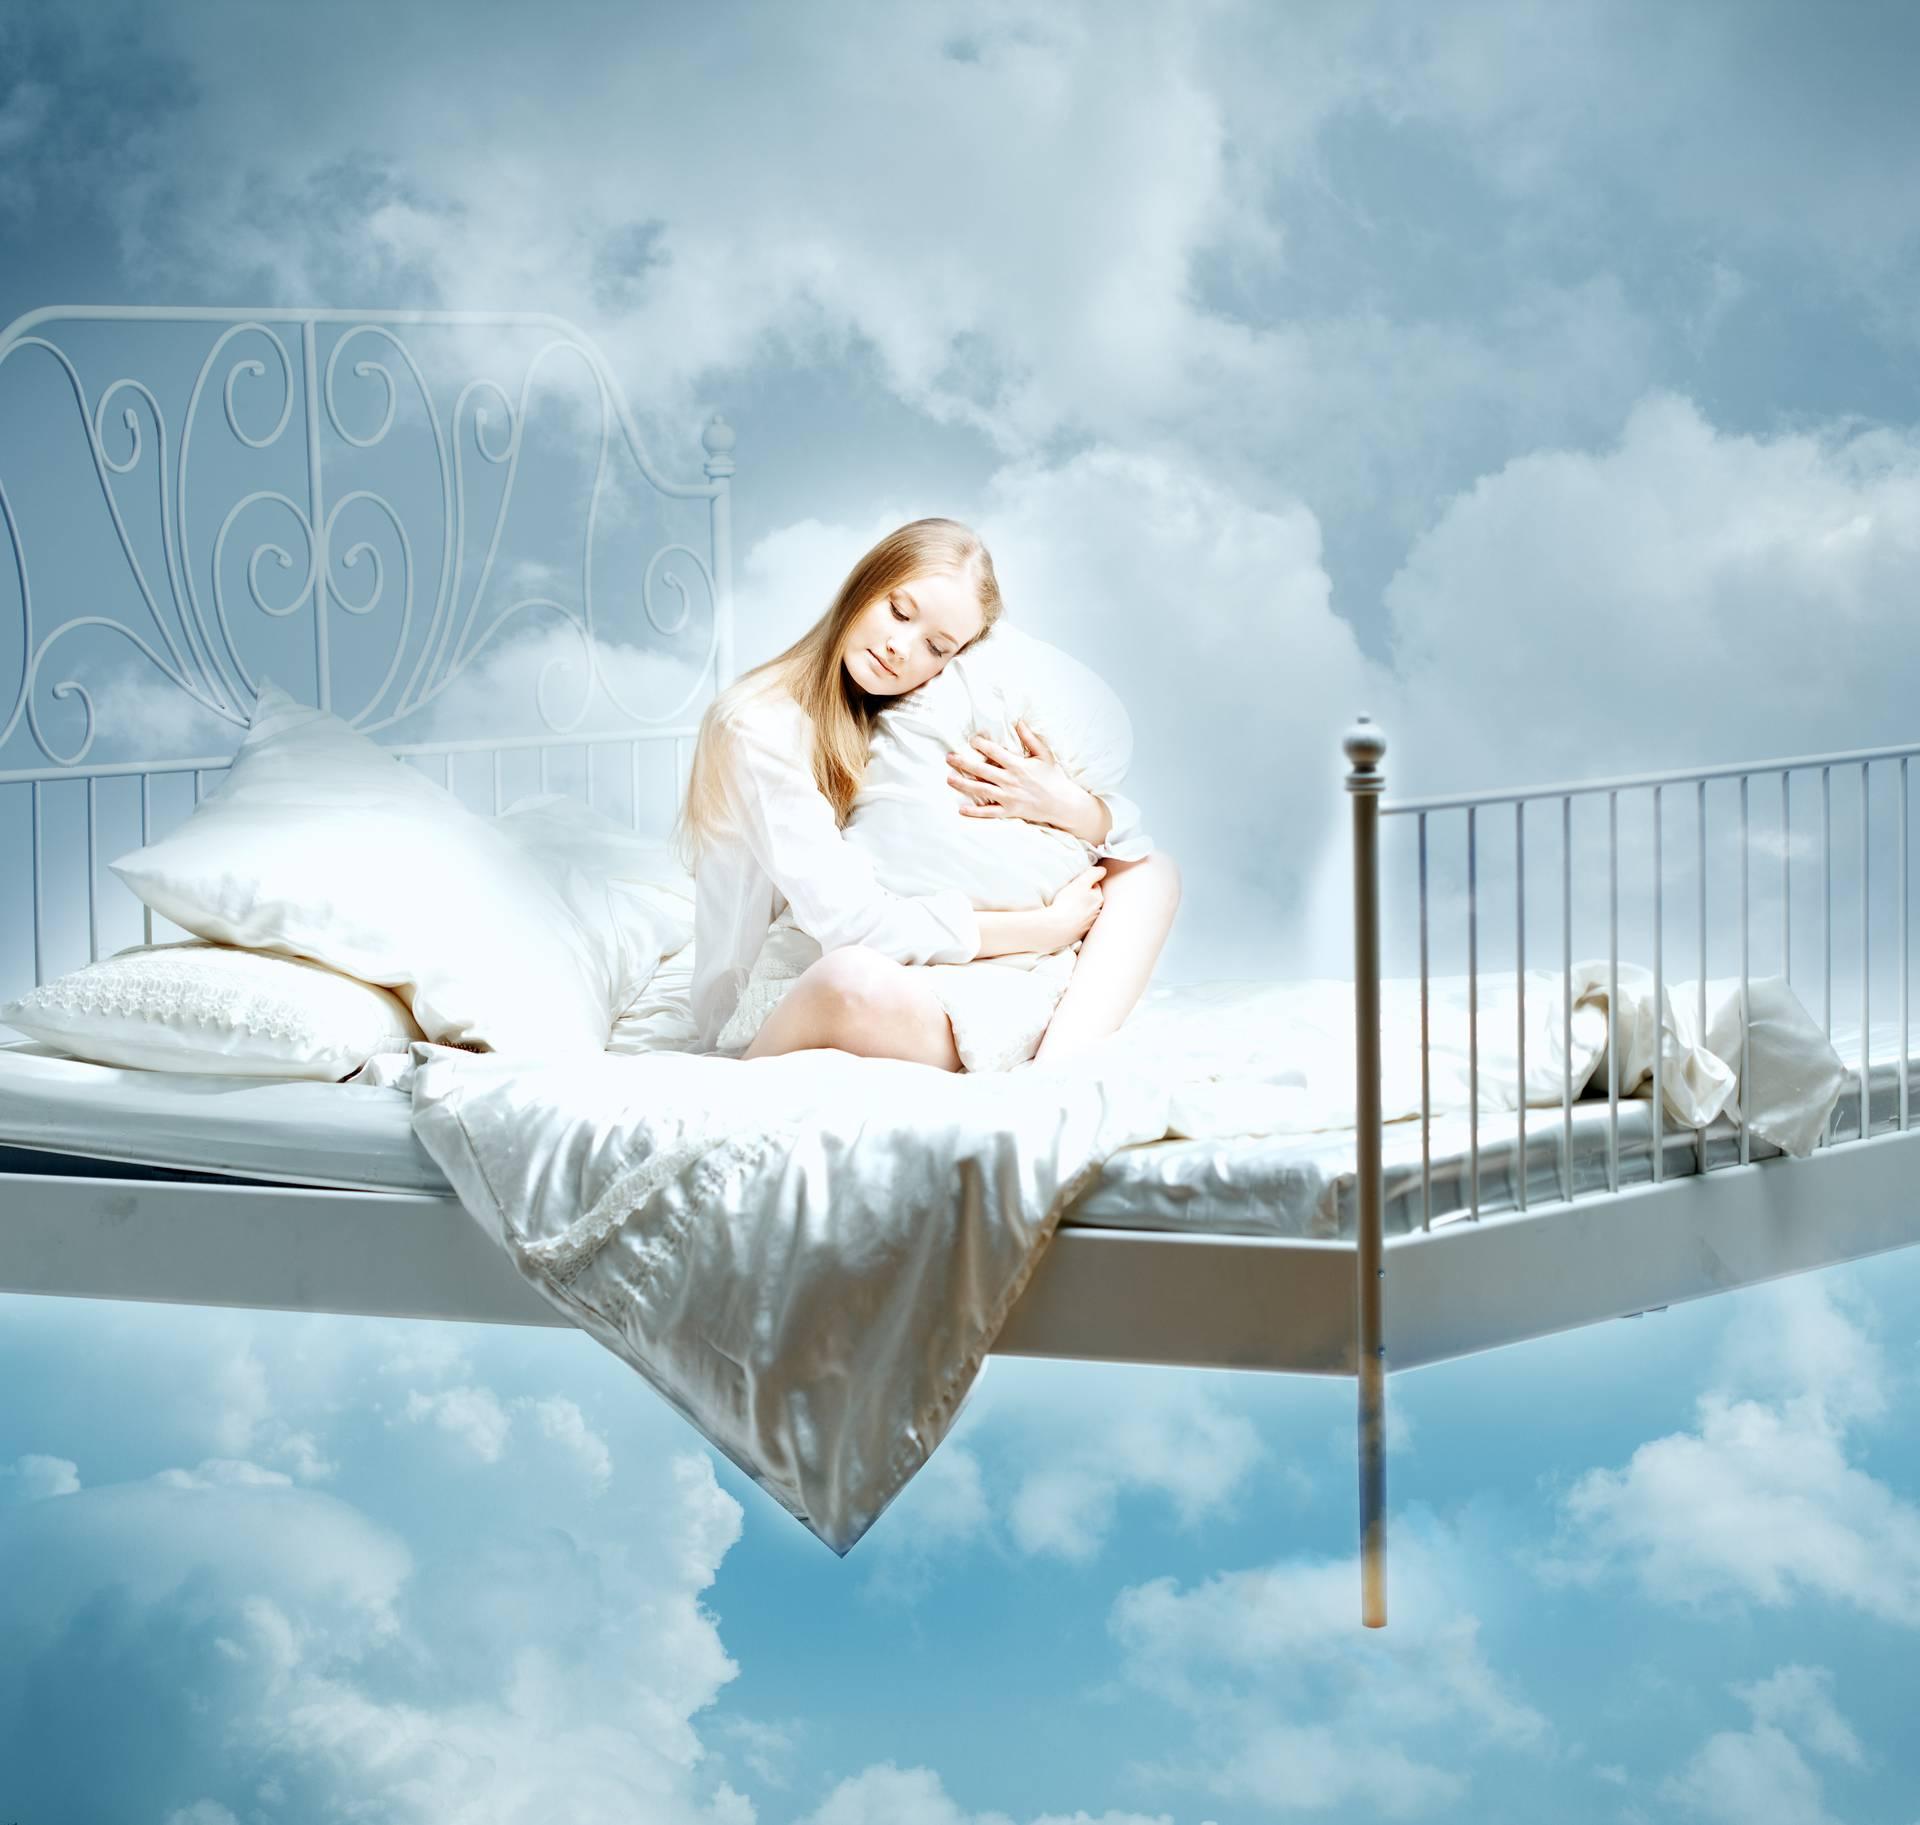 Često sanjate isti san i ne znate zašto? Evo što to doista znači...